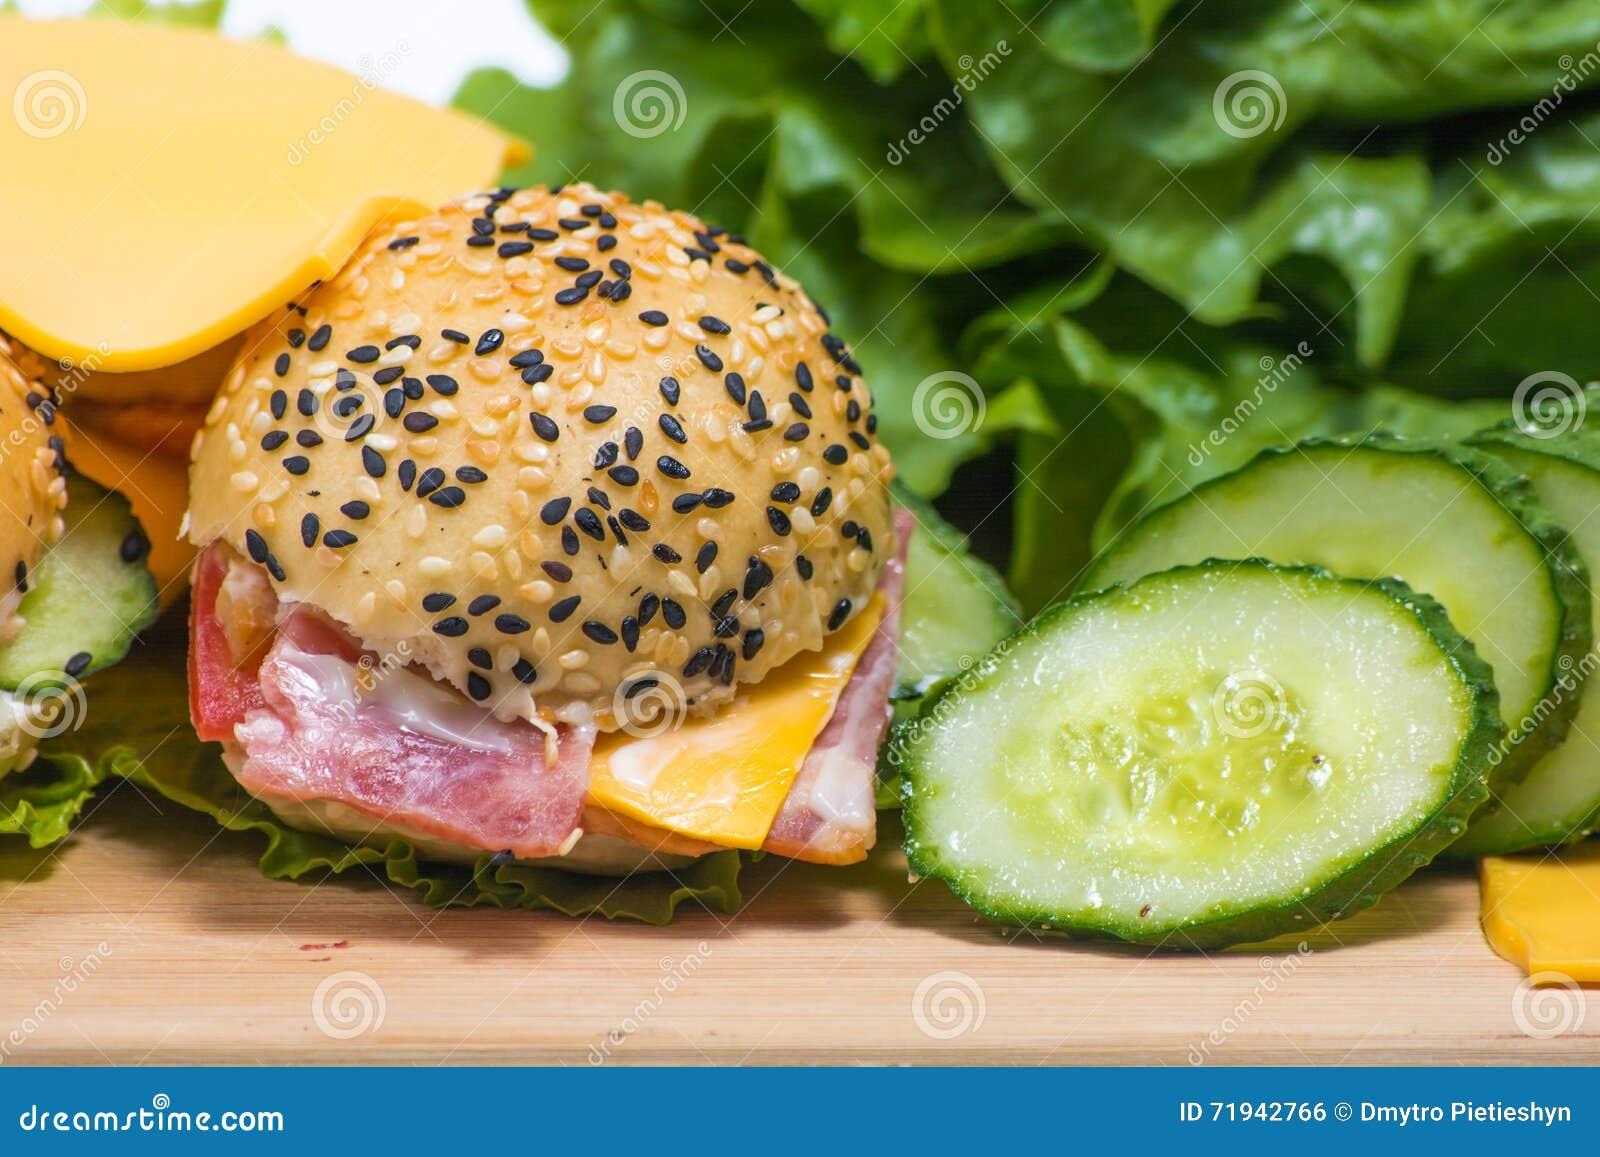 Гамбургеры с овощами и беконом на деревянном столе